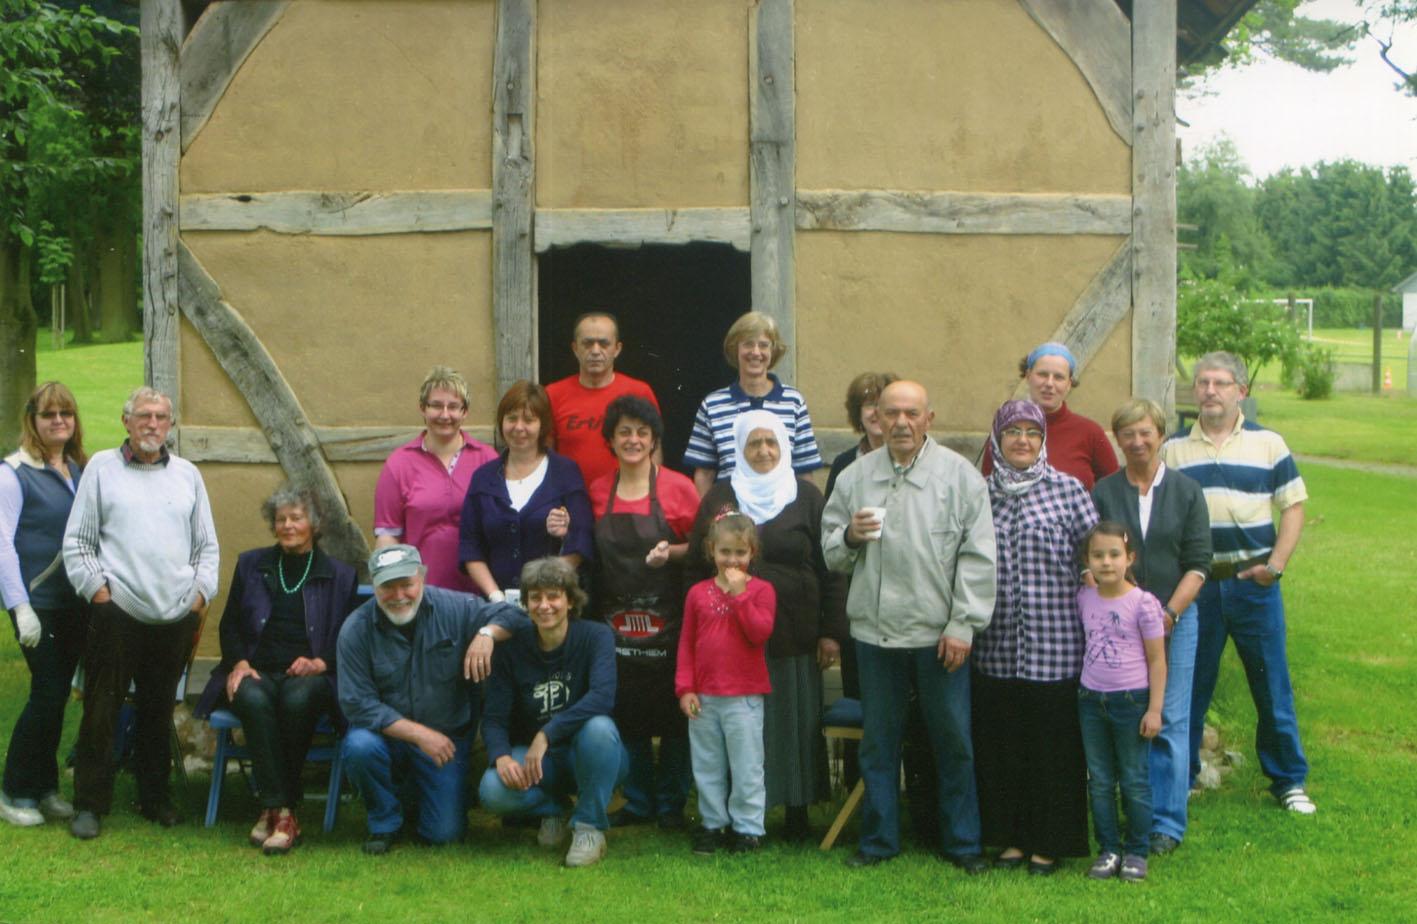 Die Versammlung der Helfer vor dem Backhaus / Foto: Dieter Moll